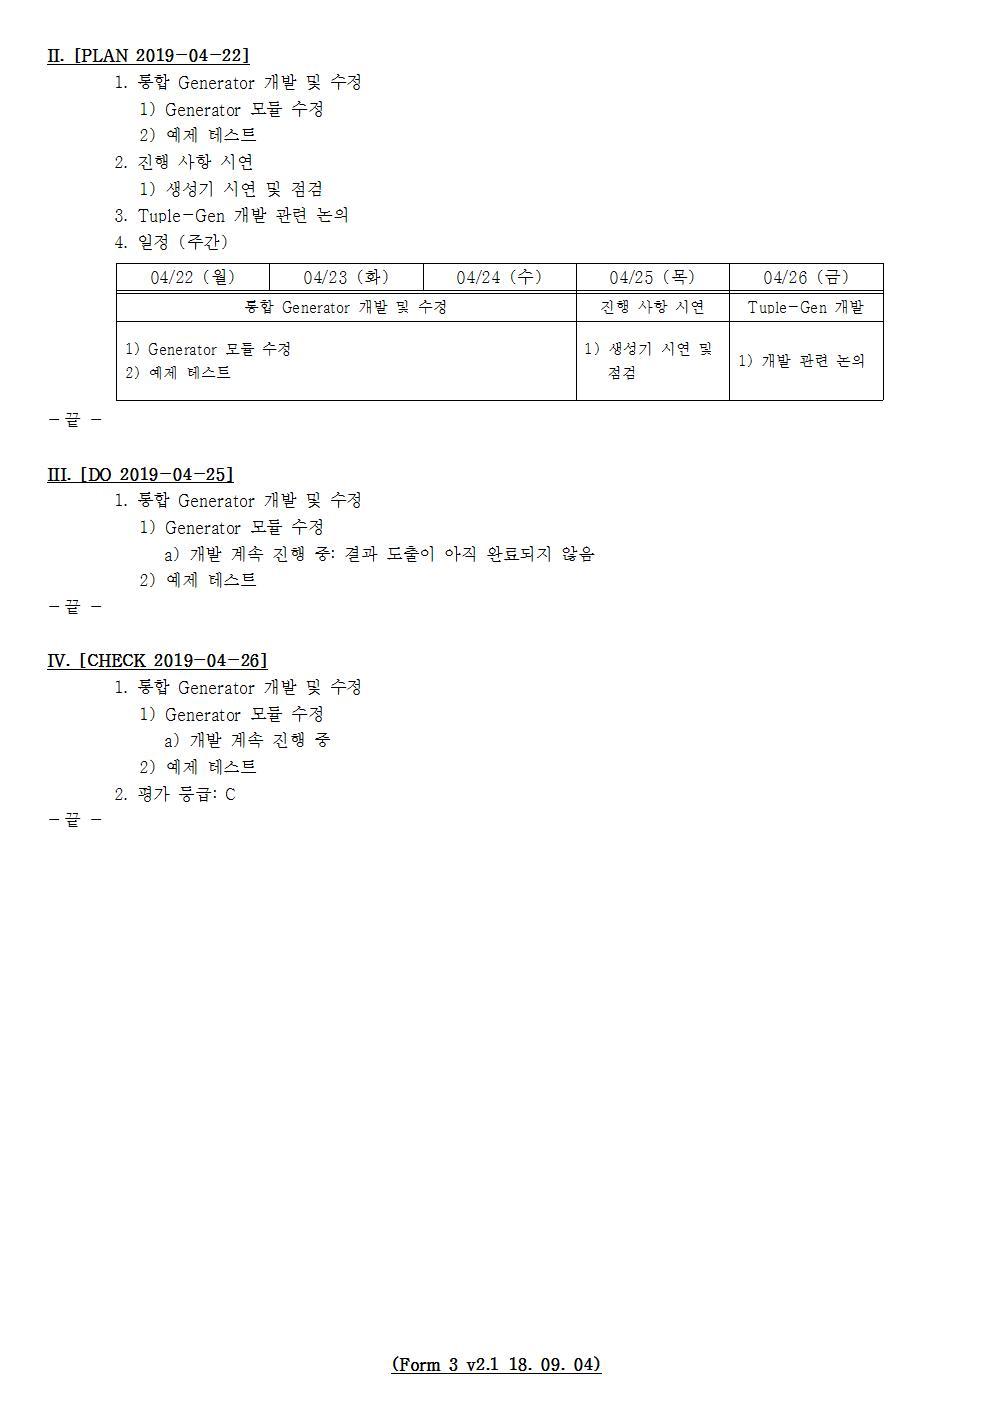 D-[19-003-RD-03]-[Tool-SRRE-1.X]-[2019-04-26][JS]002.jpg